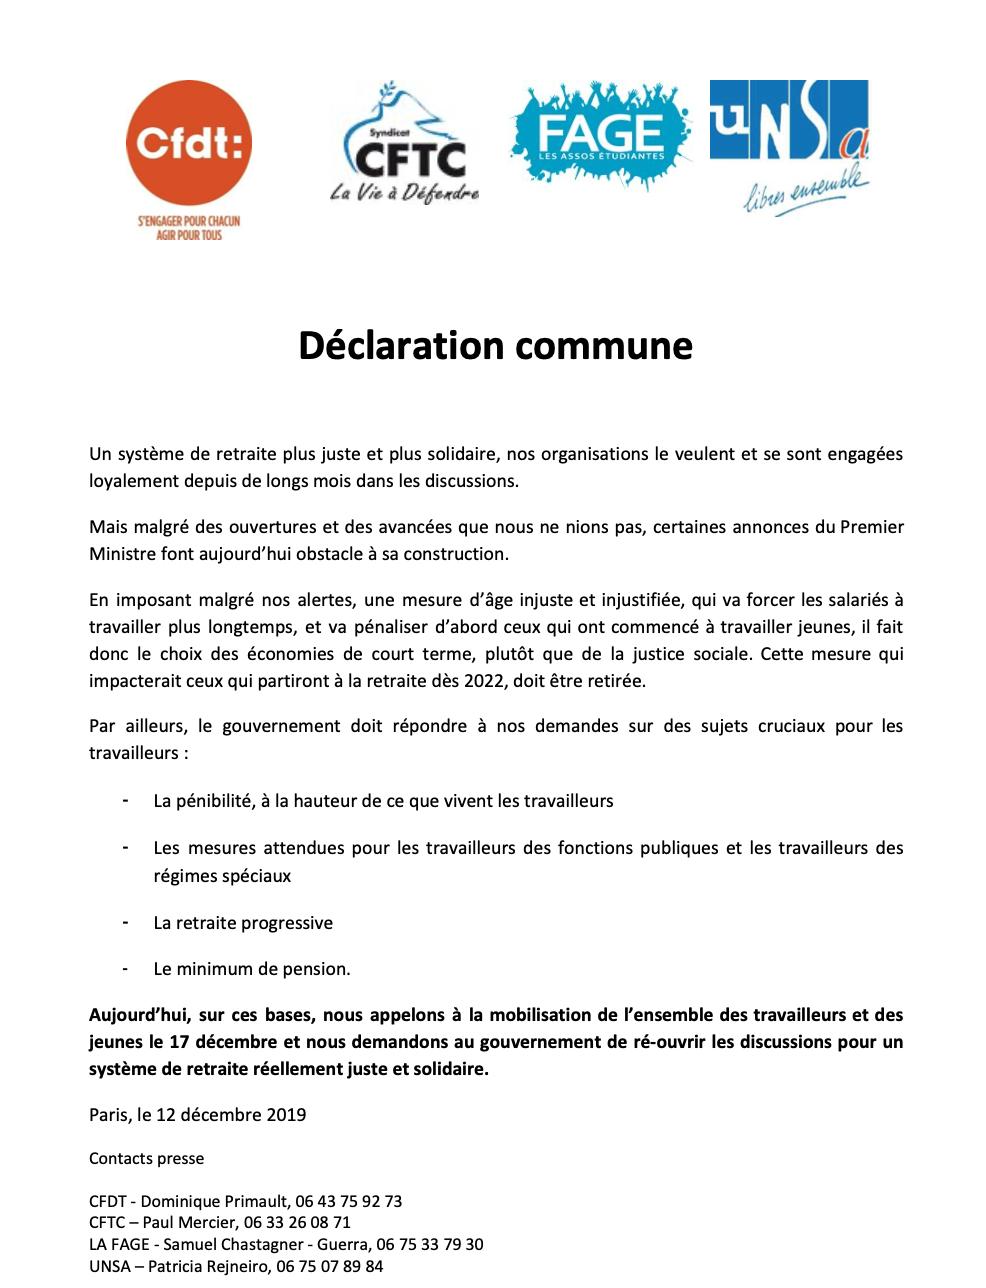 Grève unitaire du 17 décembre 2019 contre la réforme des retraites - Page 18 Captur41